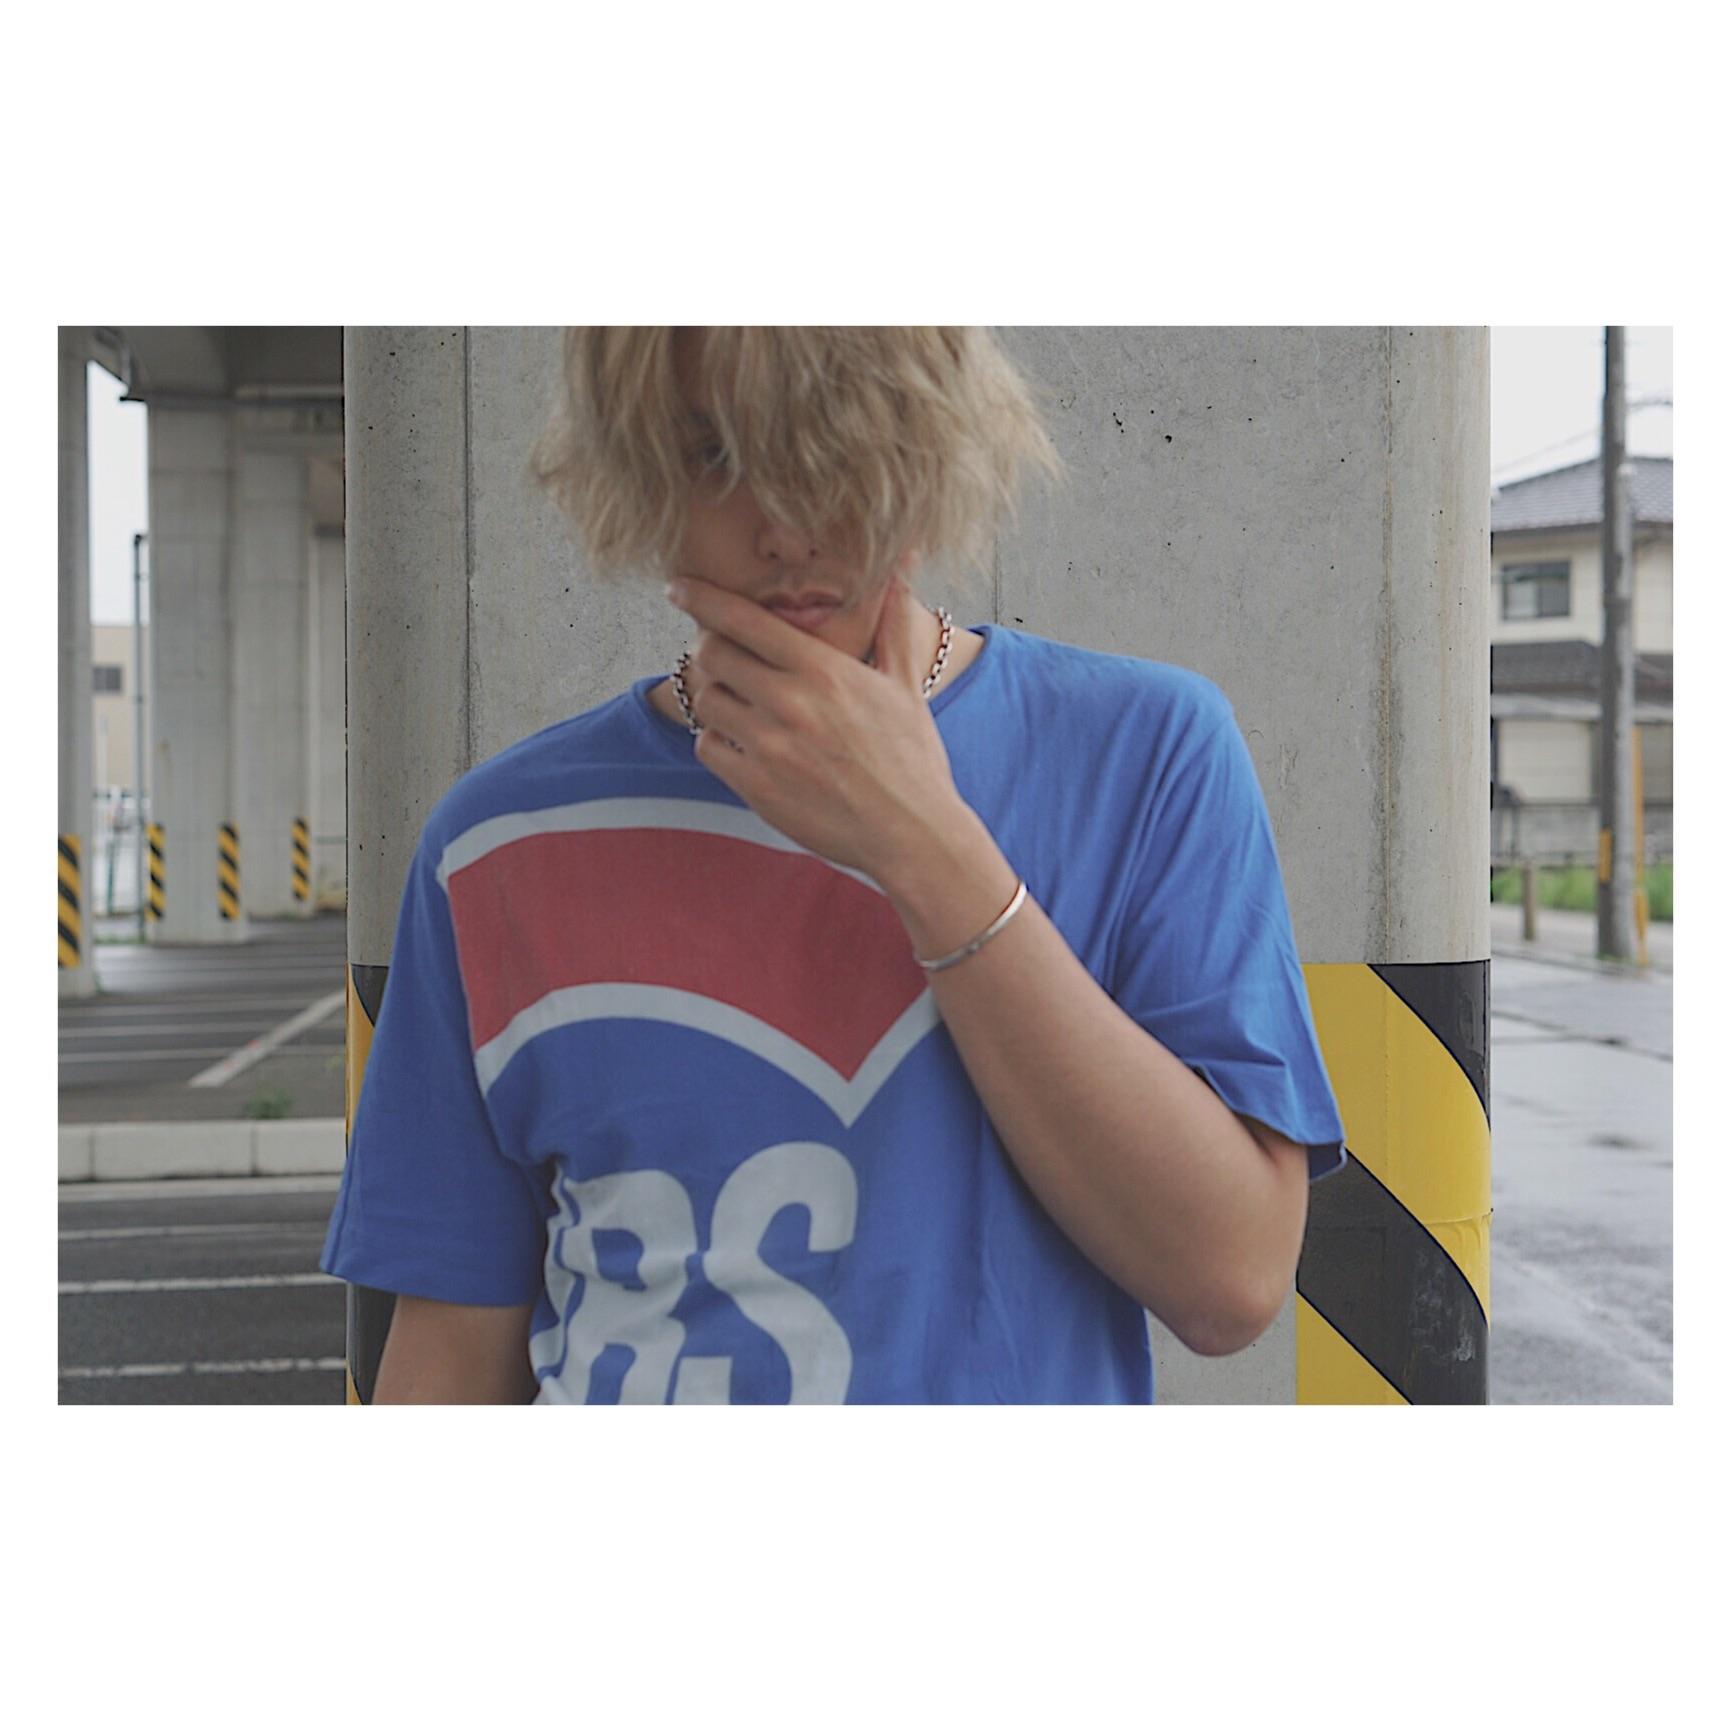 f:id:Yosuke0912:20180513122346j:image